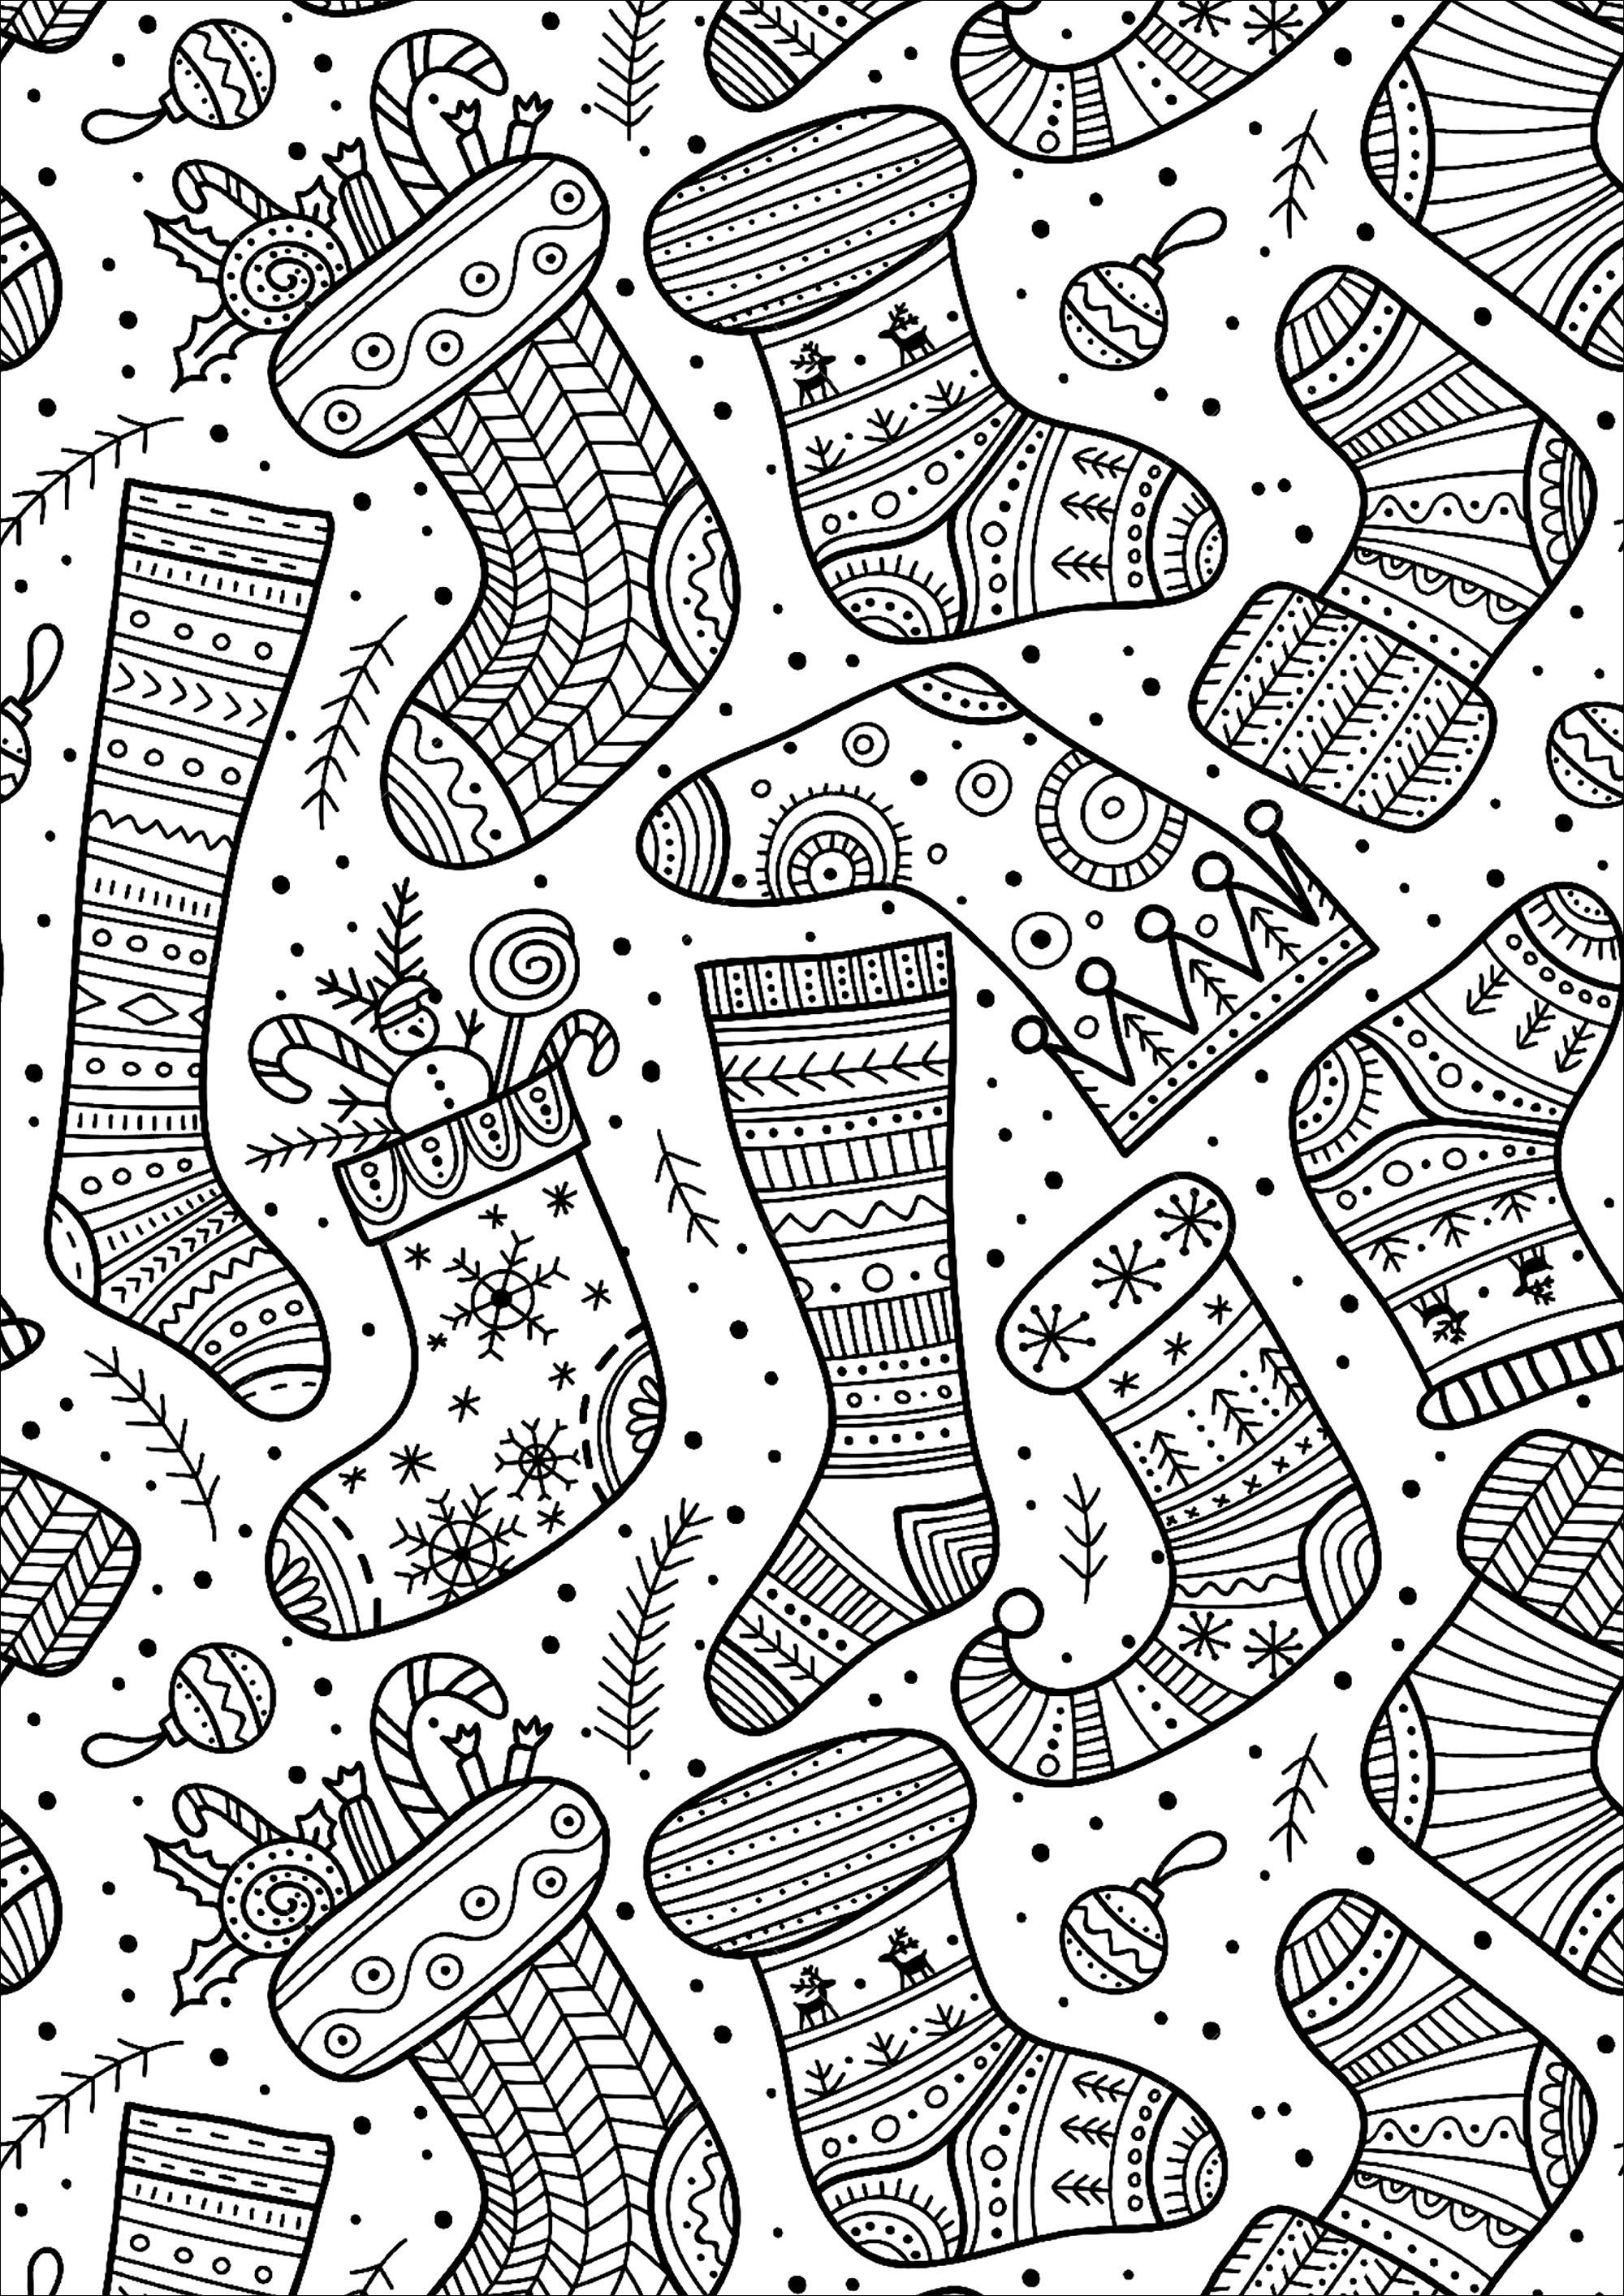 Jolies chaussettes de no l no l coloriages difficiles pour adultes - Coloriage de om ...